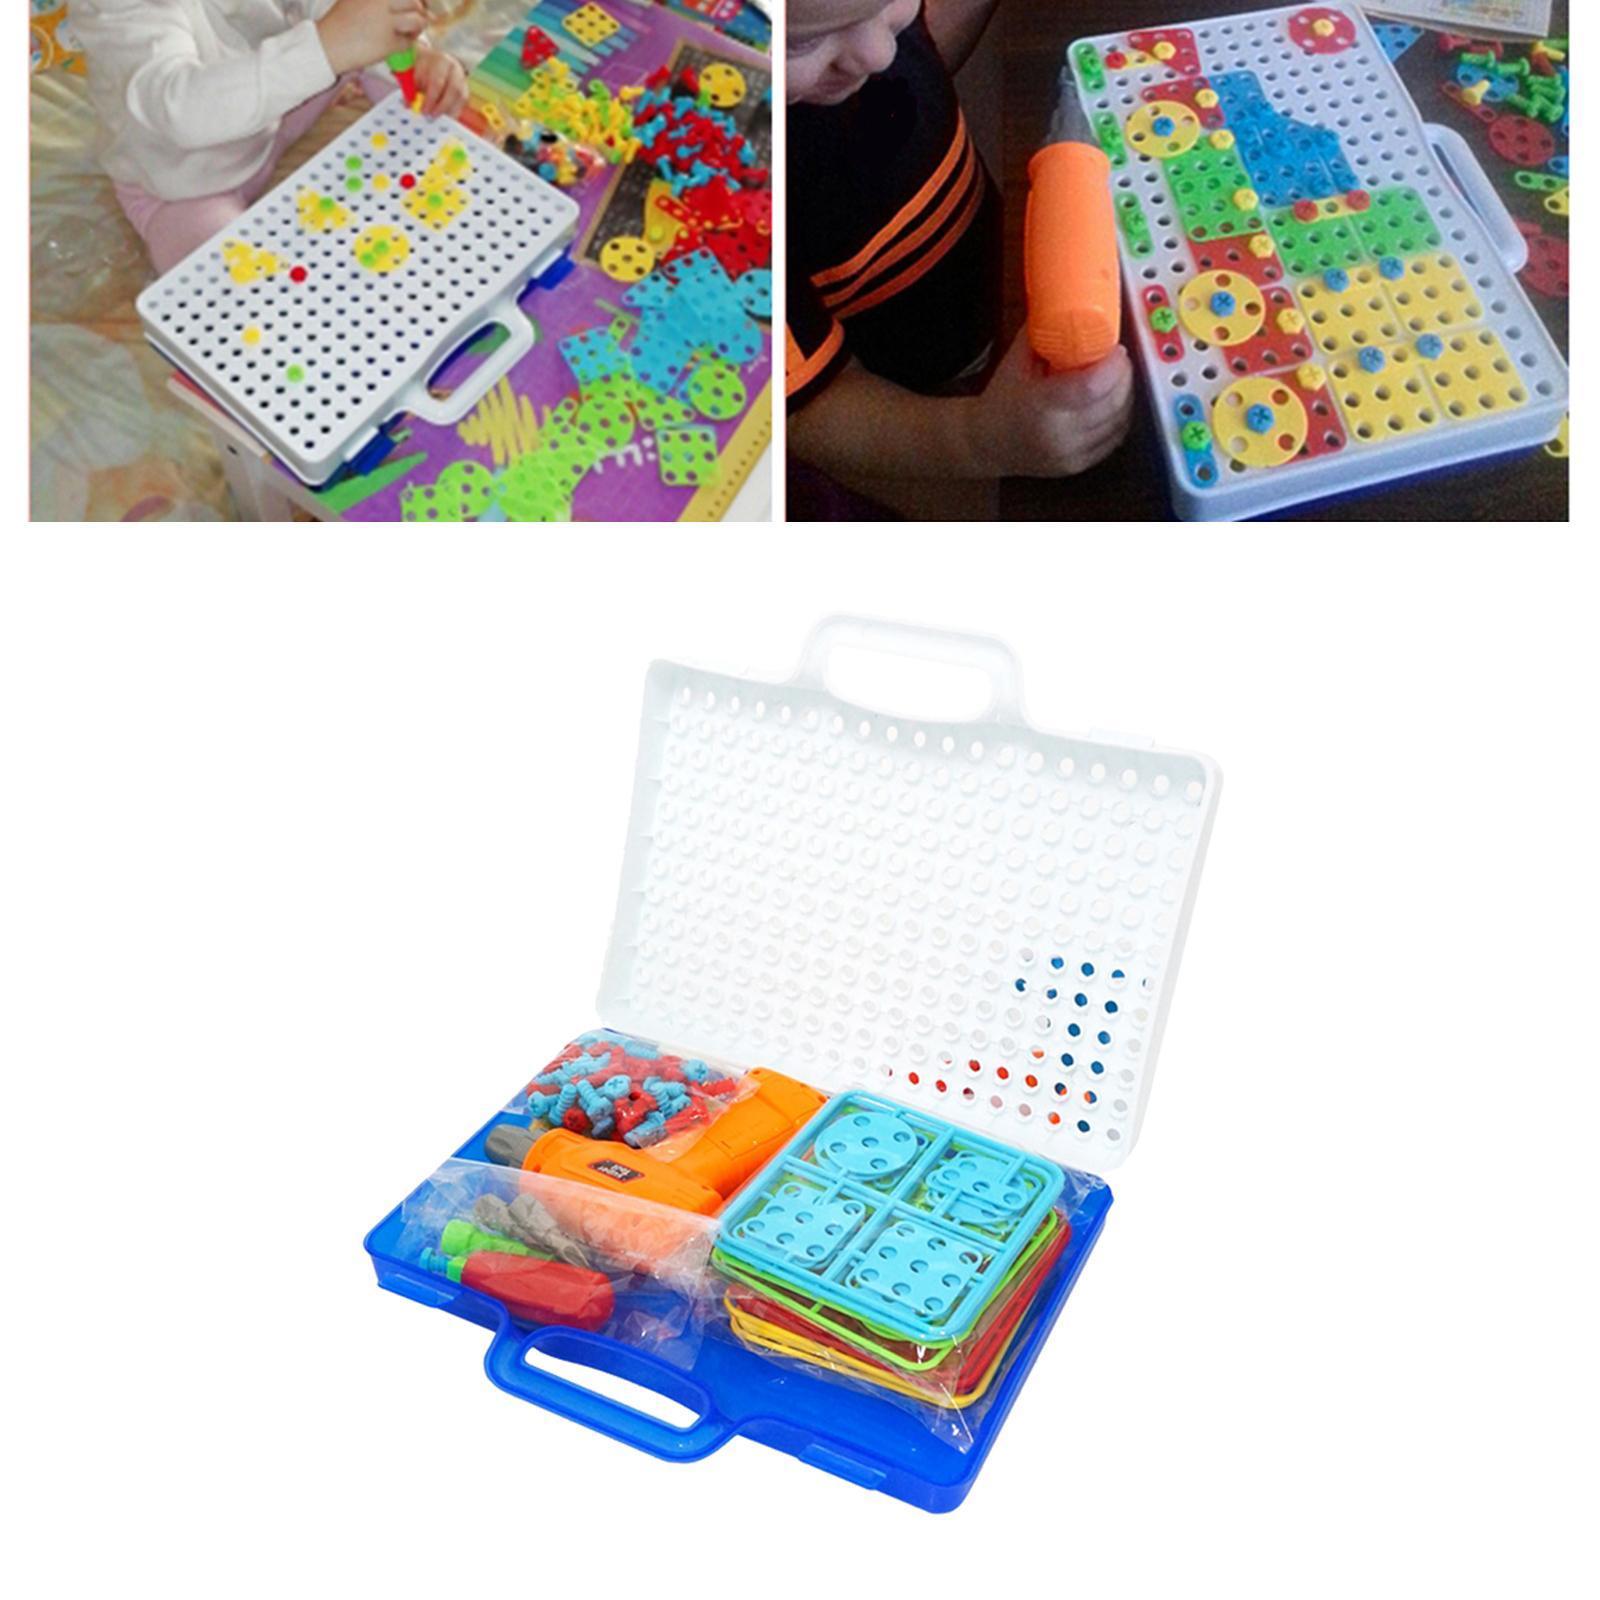 Creativo-Strumento-Educativo-Kit-FAI-DA-TE-Blocchi-di-Costruzione-Le-Capacita miniatura 10